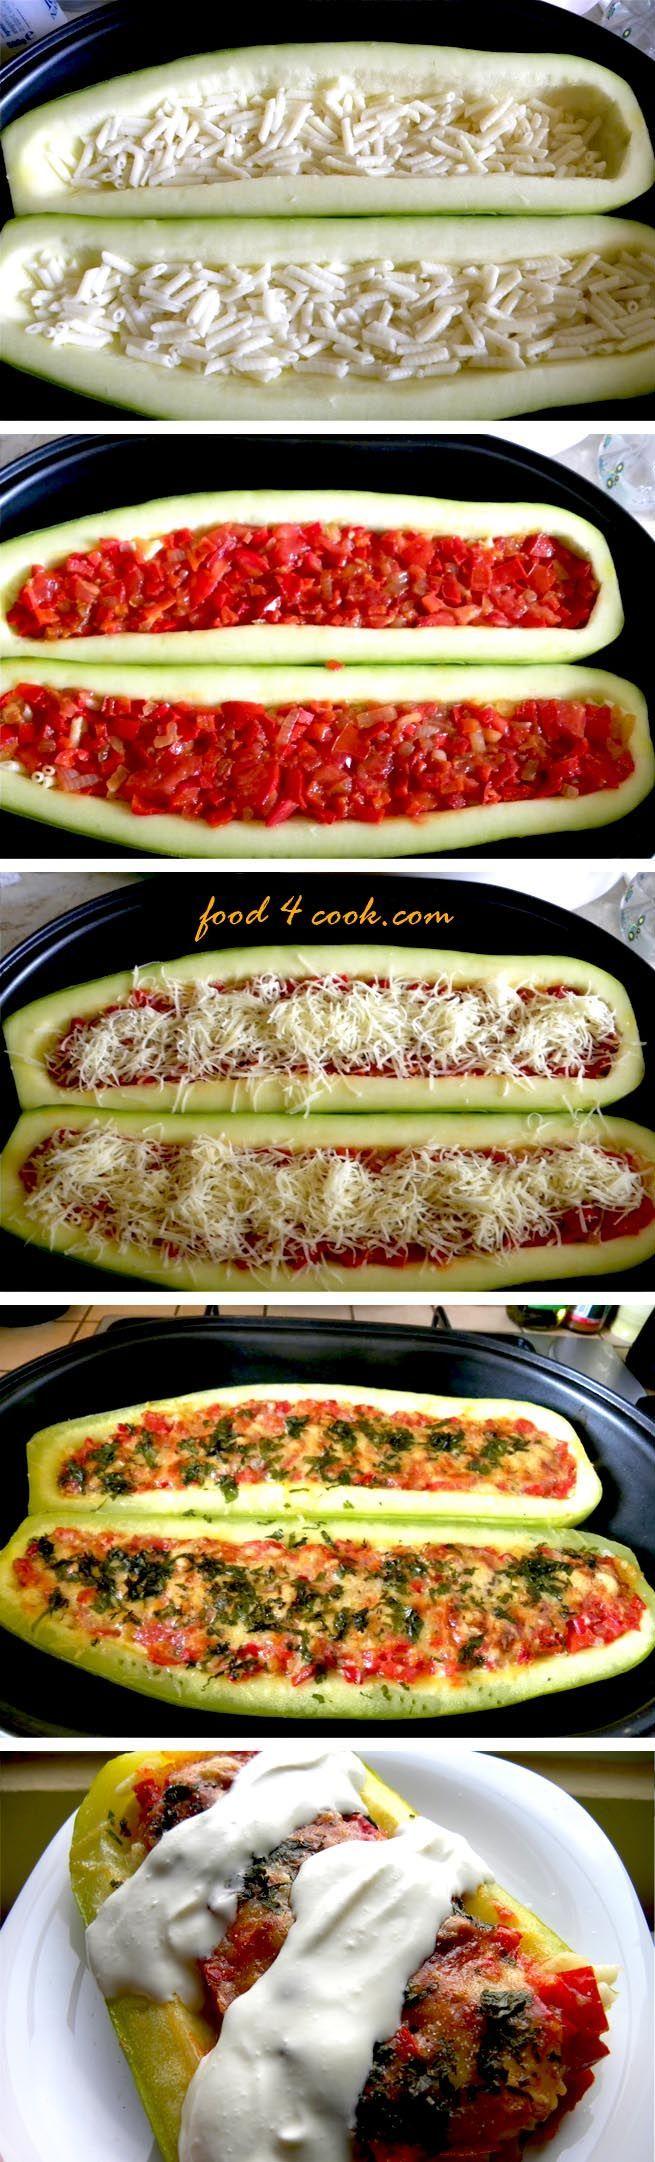 Stuffed Zucchini...this looks amazing!!